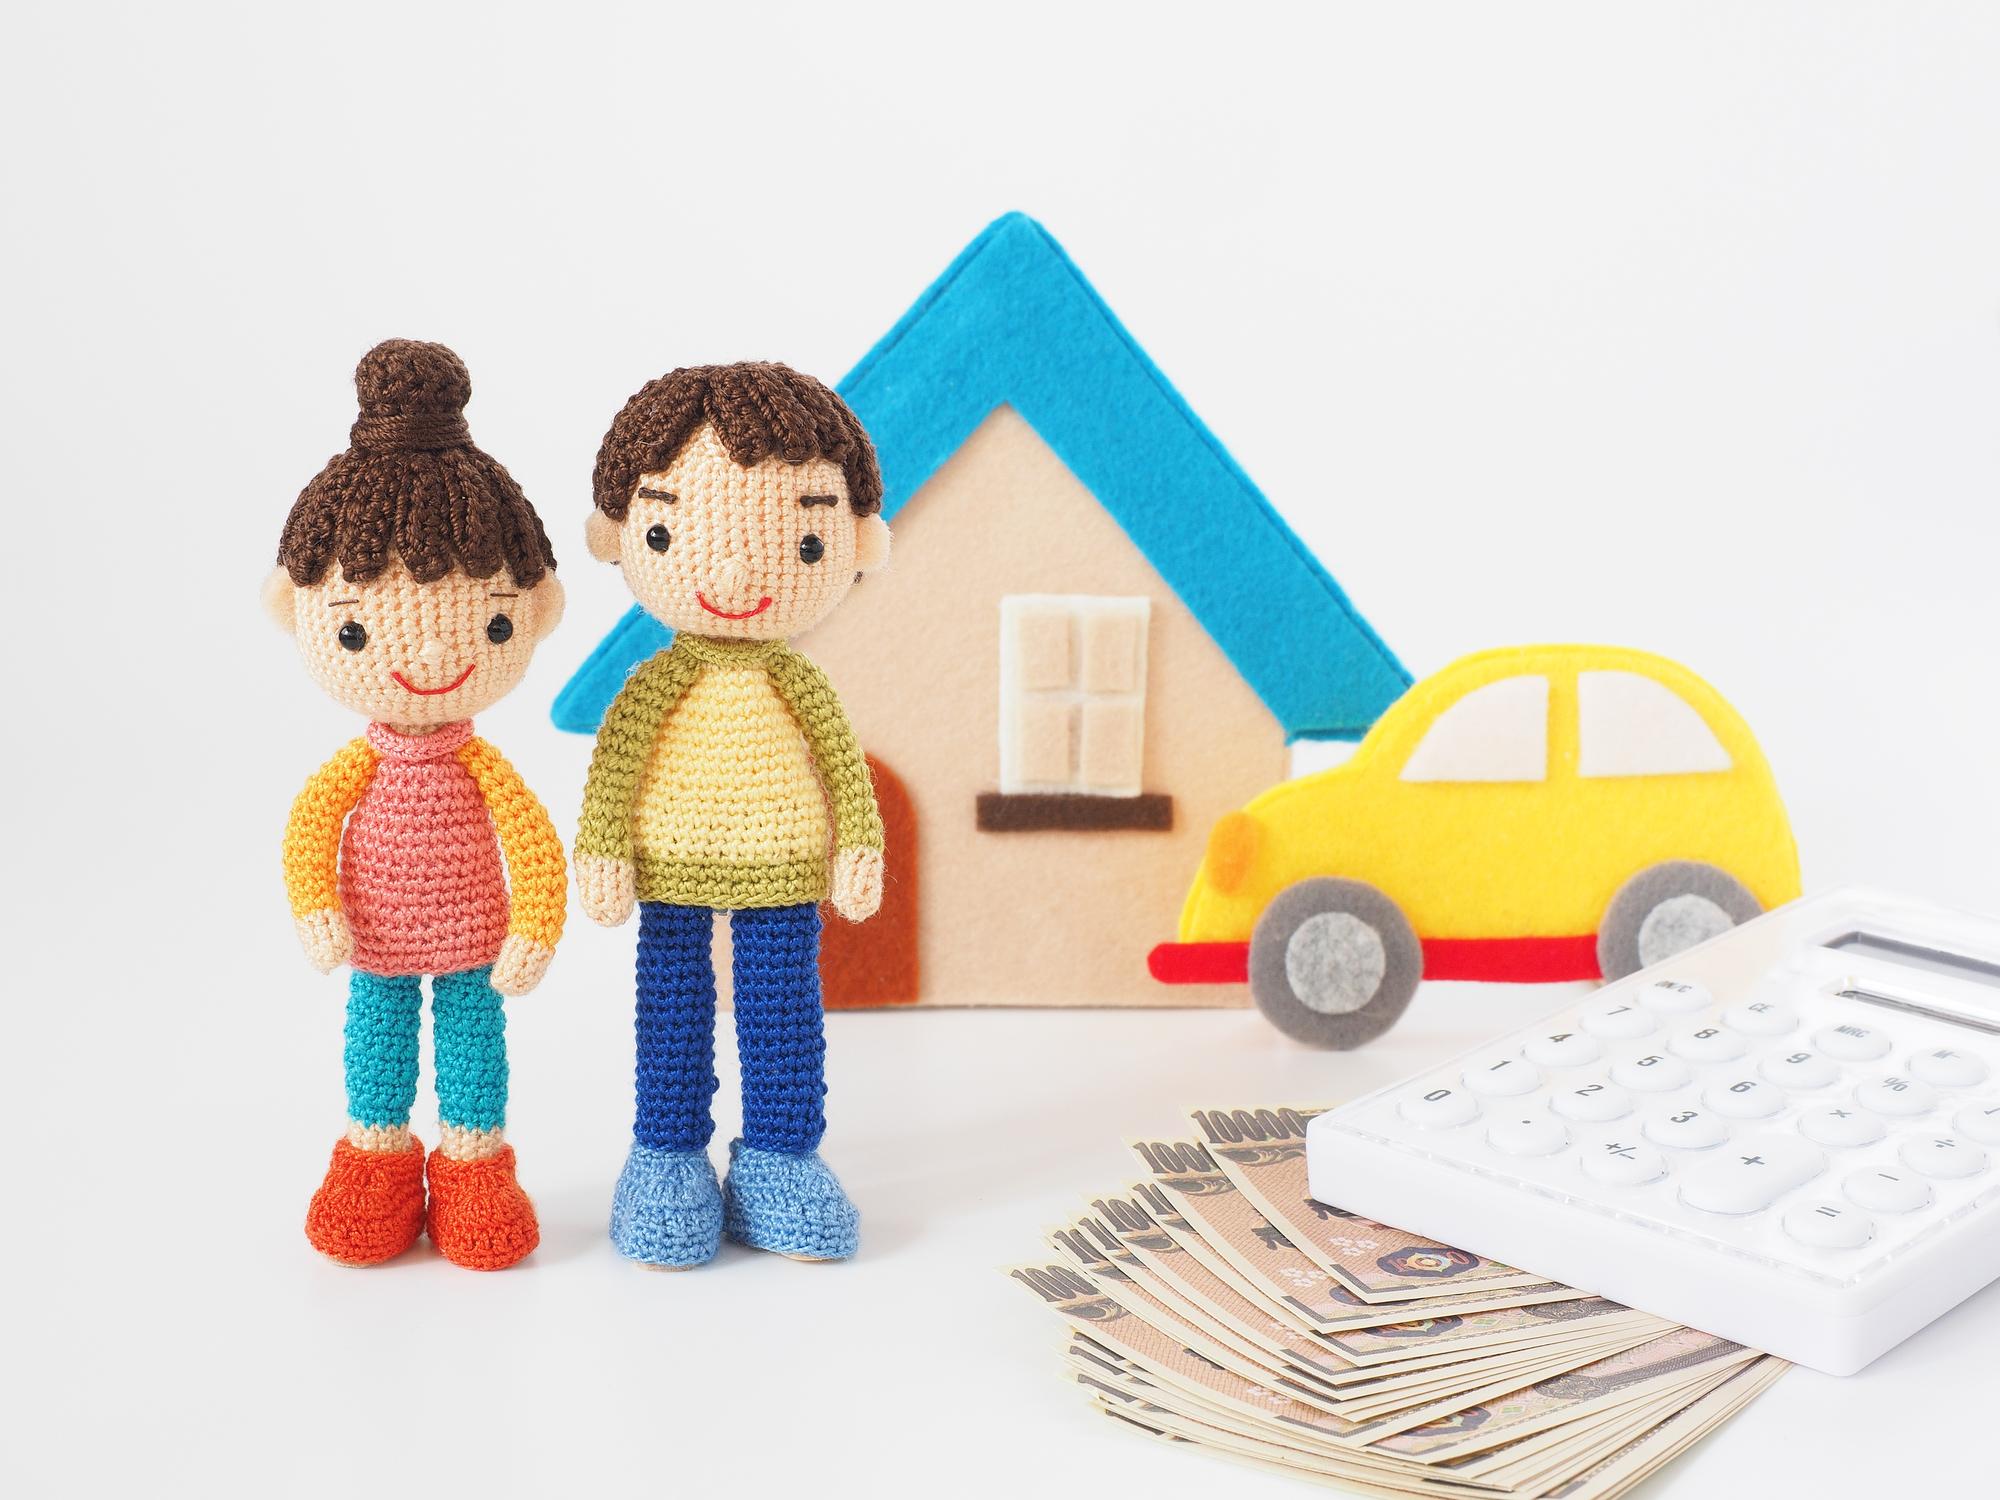 若い夫婦と収入合算のイメージ